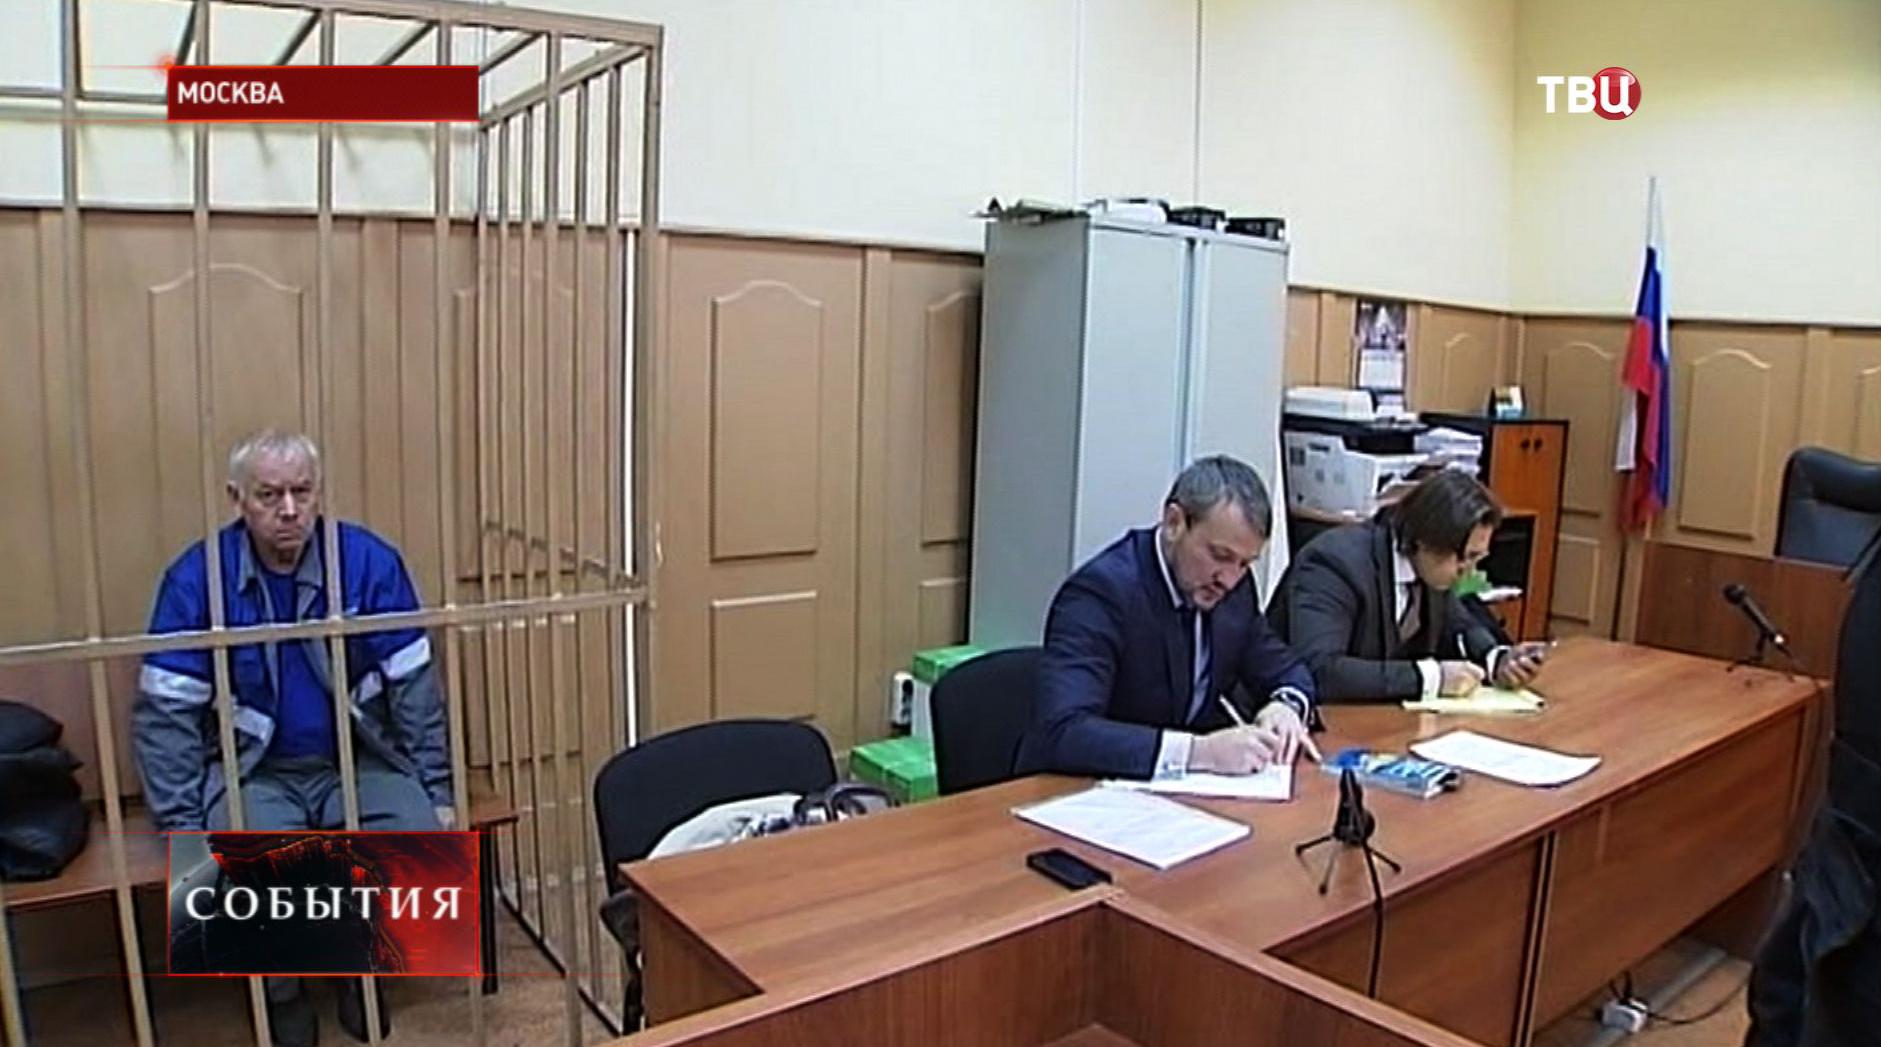 Водитель снегоуборочной машины Владимир Мартыненков  в зале суда